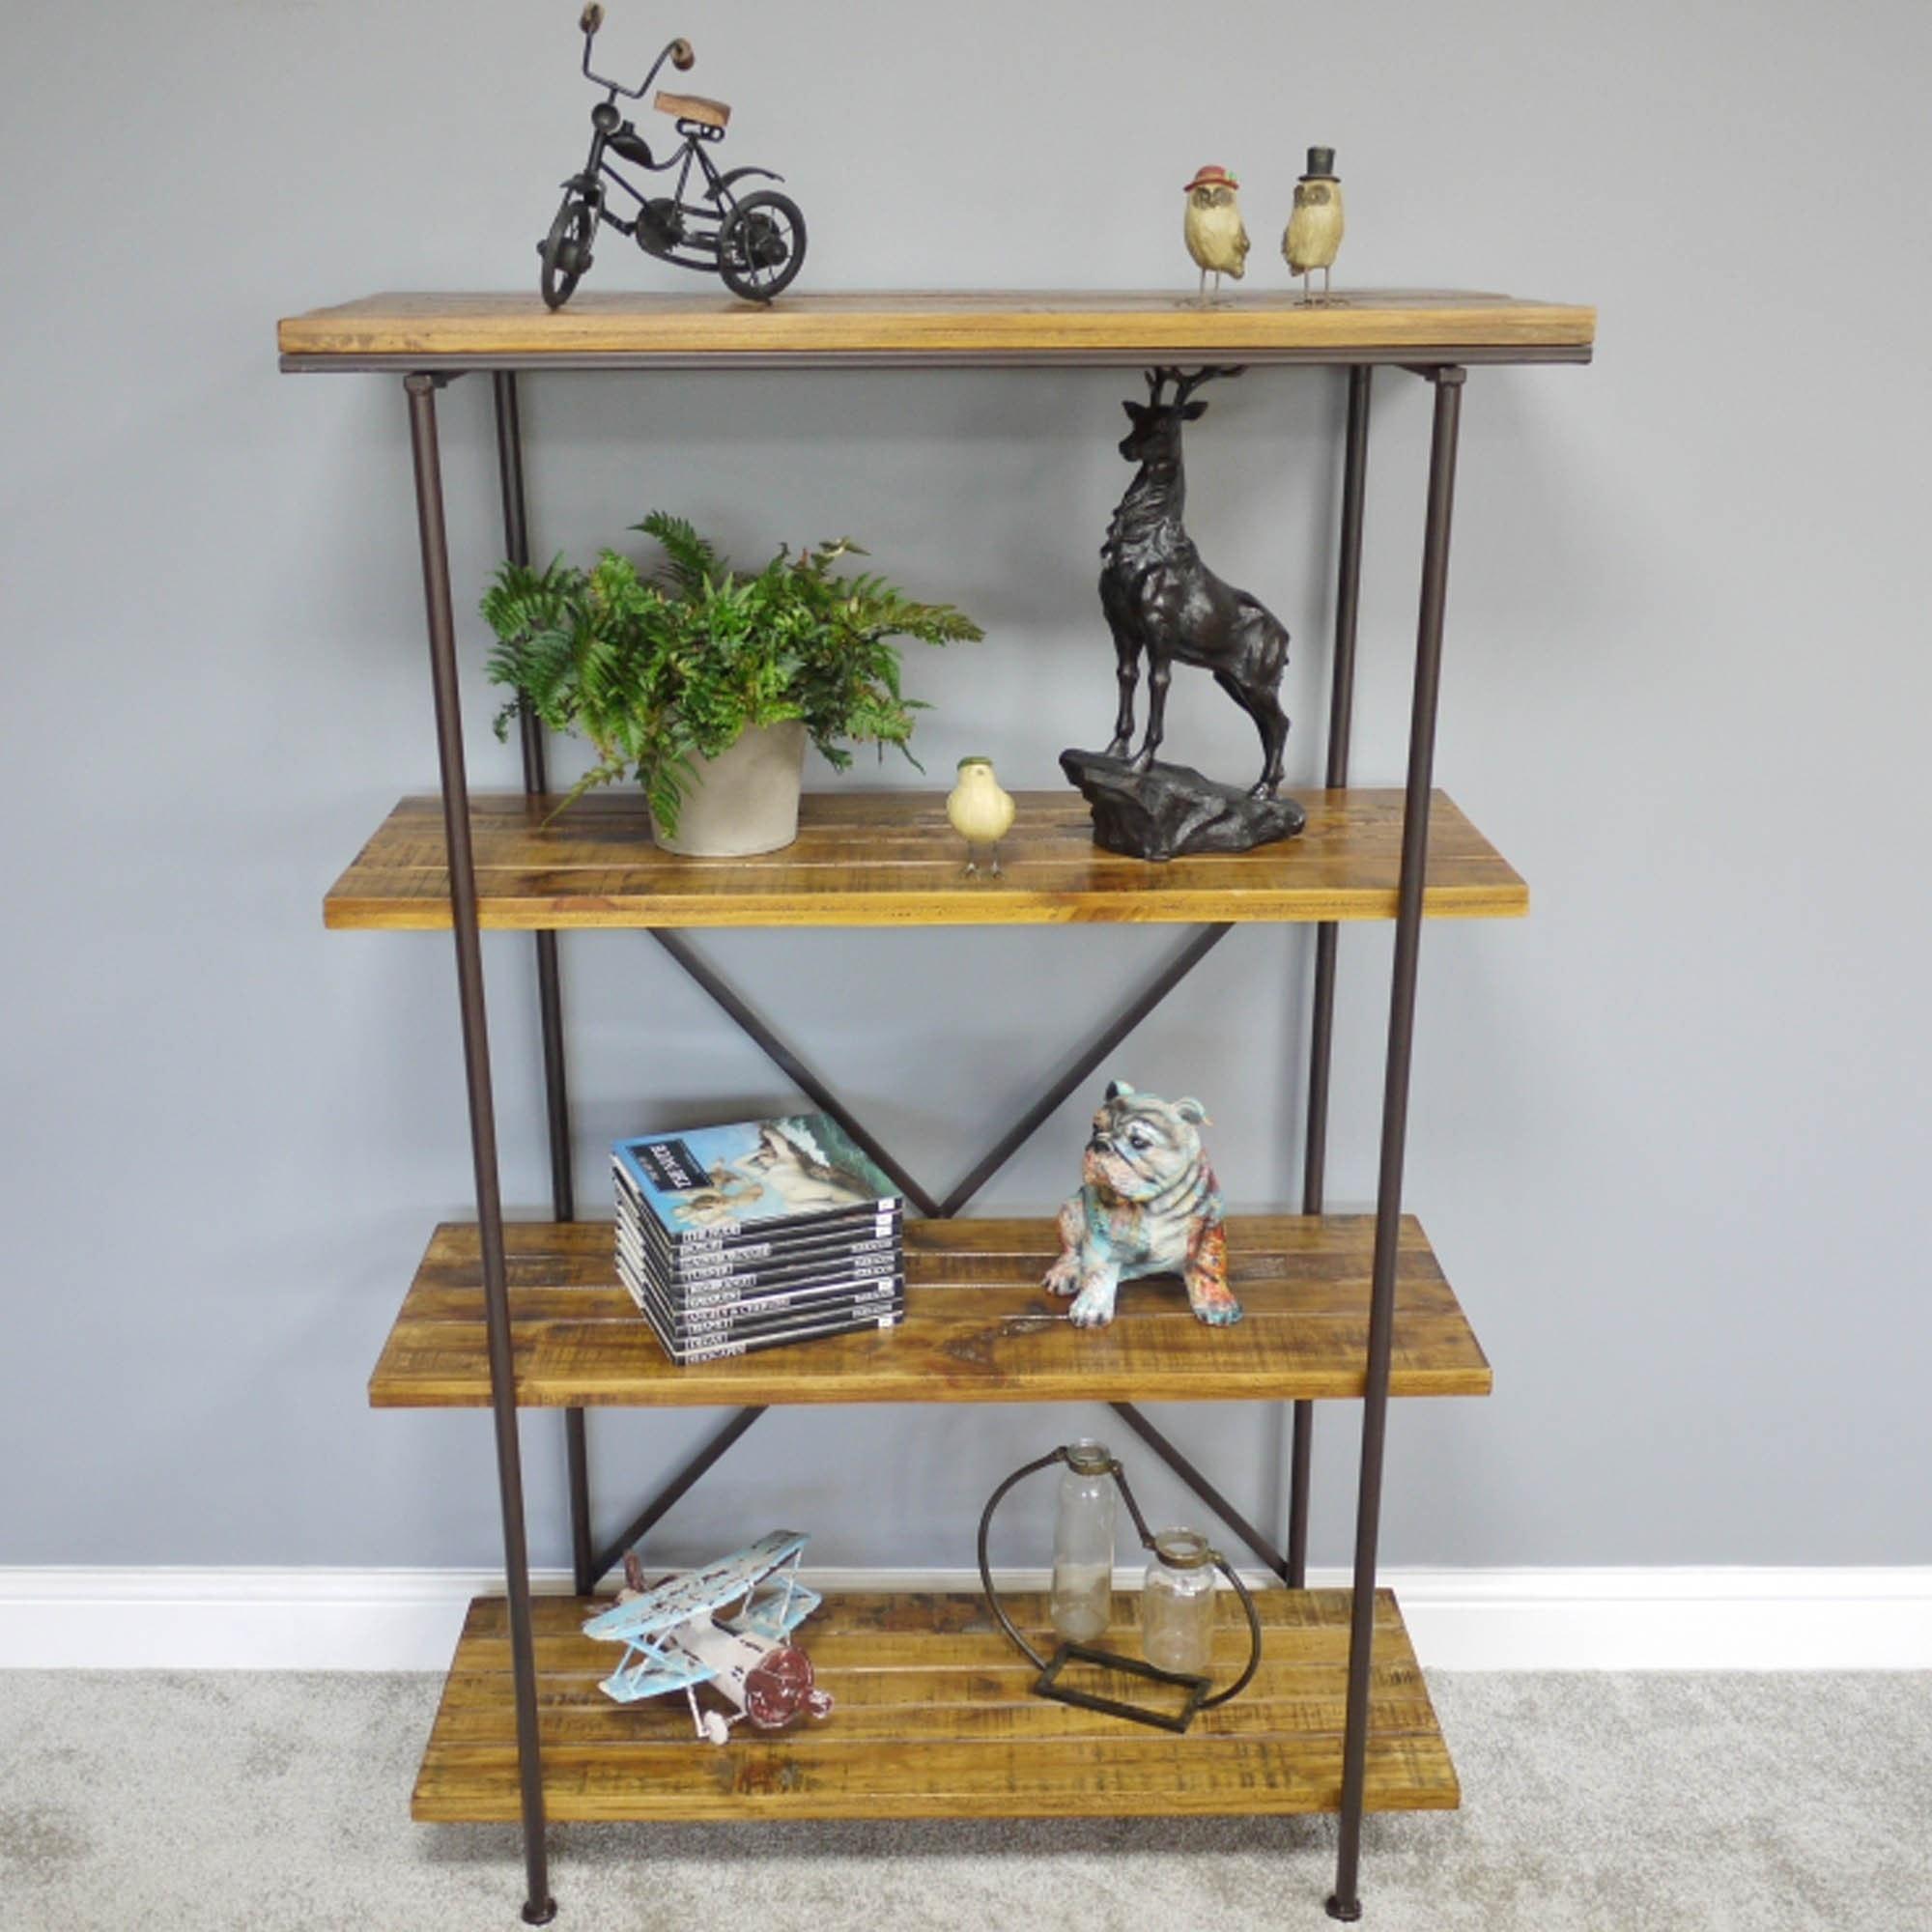 Pine Wood Industrial Shelves